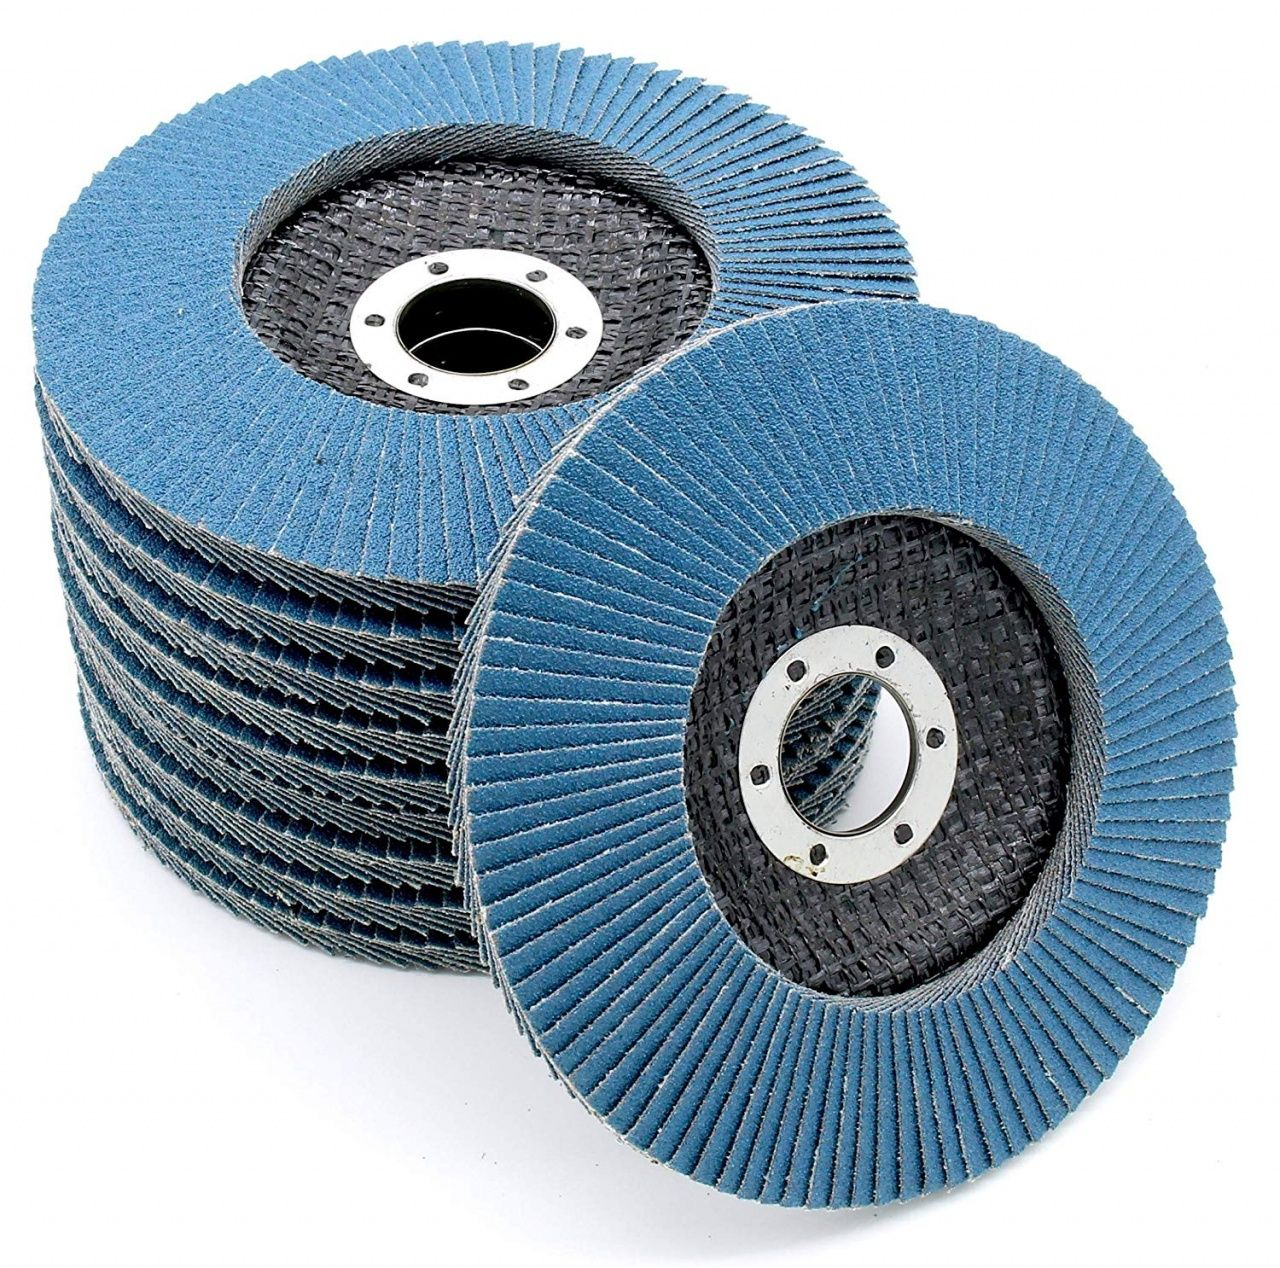 Rubber Flooring Inc Promo Codes In 2020 Rubber Flooring Flooring Vinyl Flooring Prices